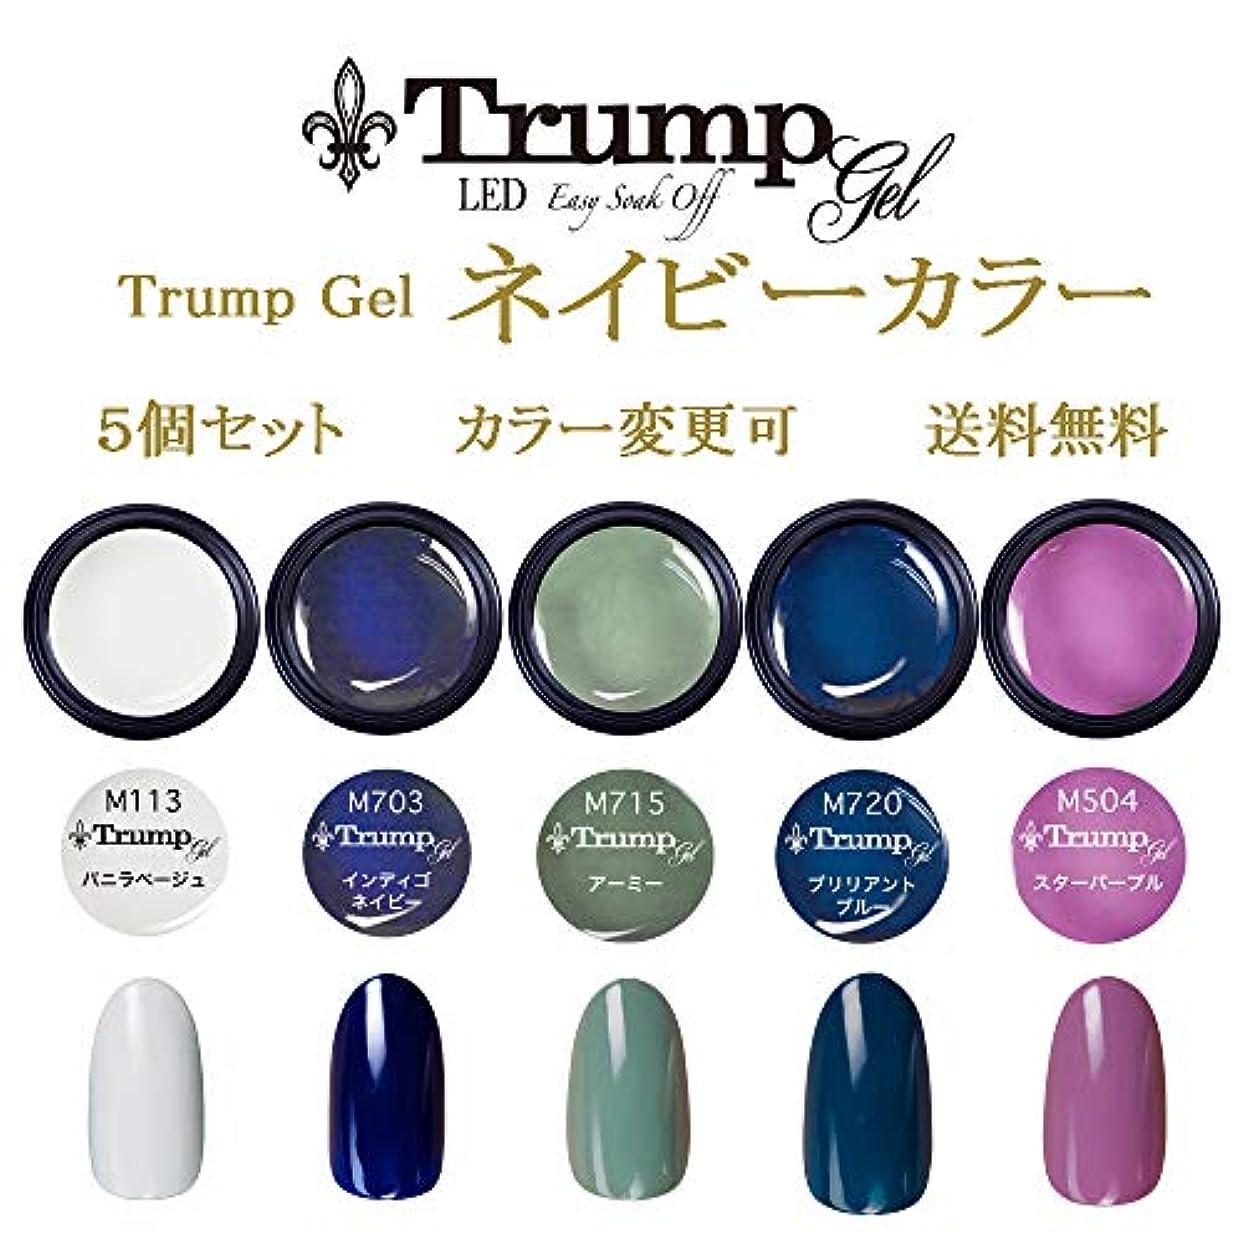 散歩事実上インタビュー日本製 Trump gel トランプジェル ネイビーカラー 選べる カラージェル 5個セット ホワイト ブルー ネイビー パープル カーキ グリーン